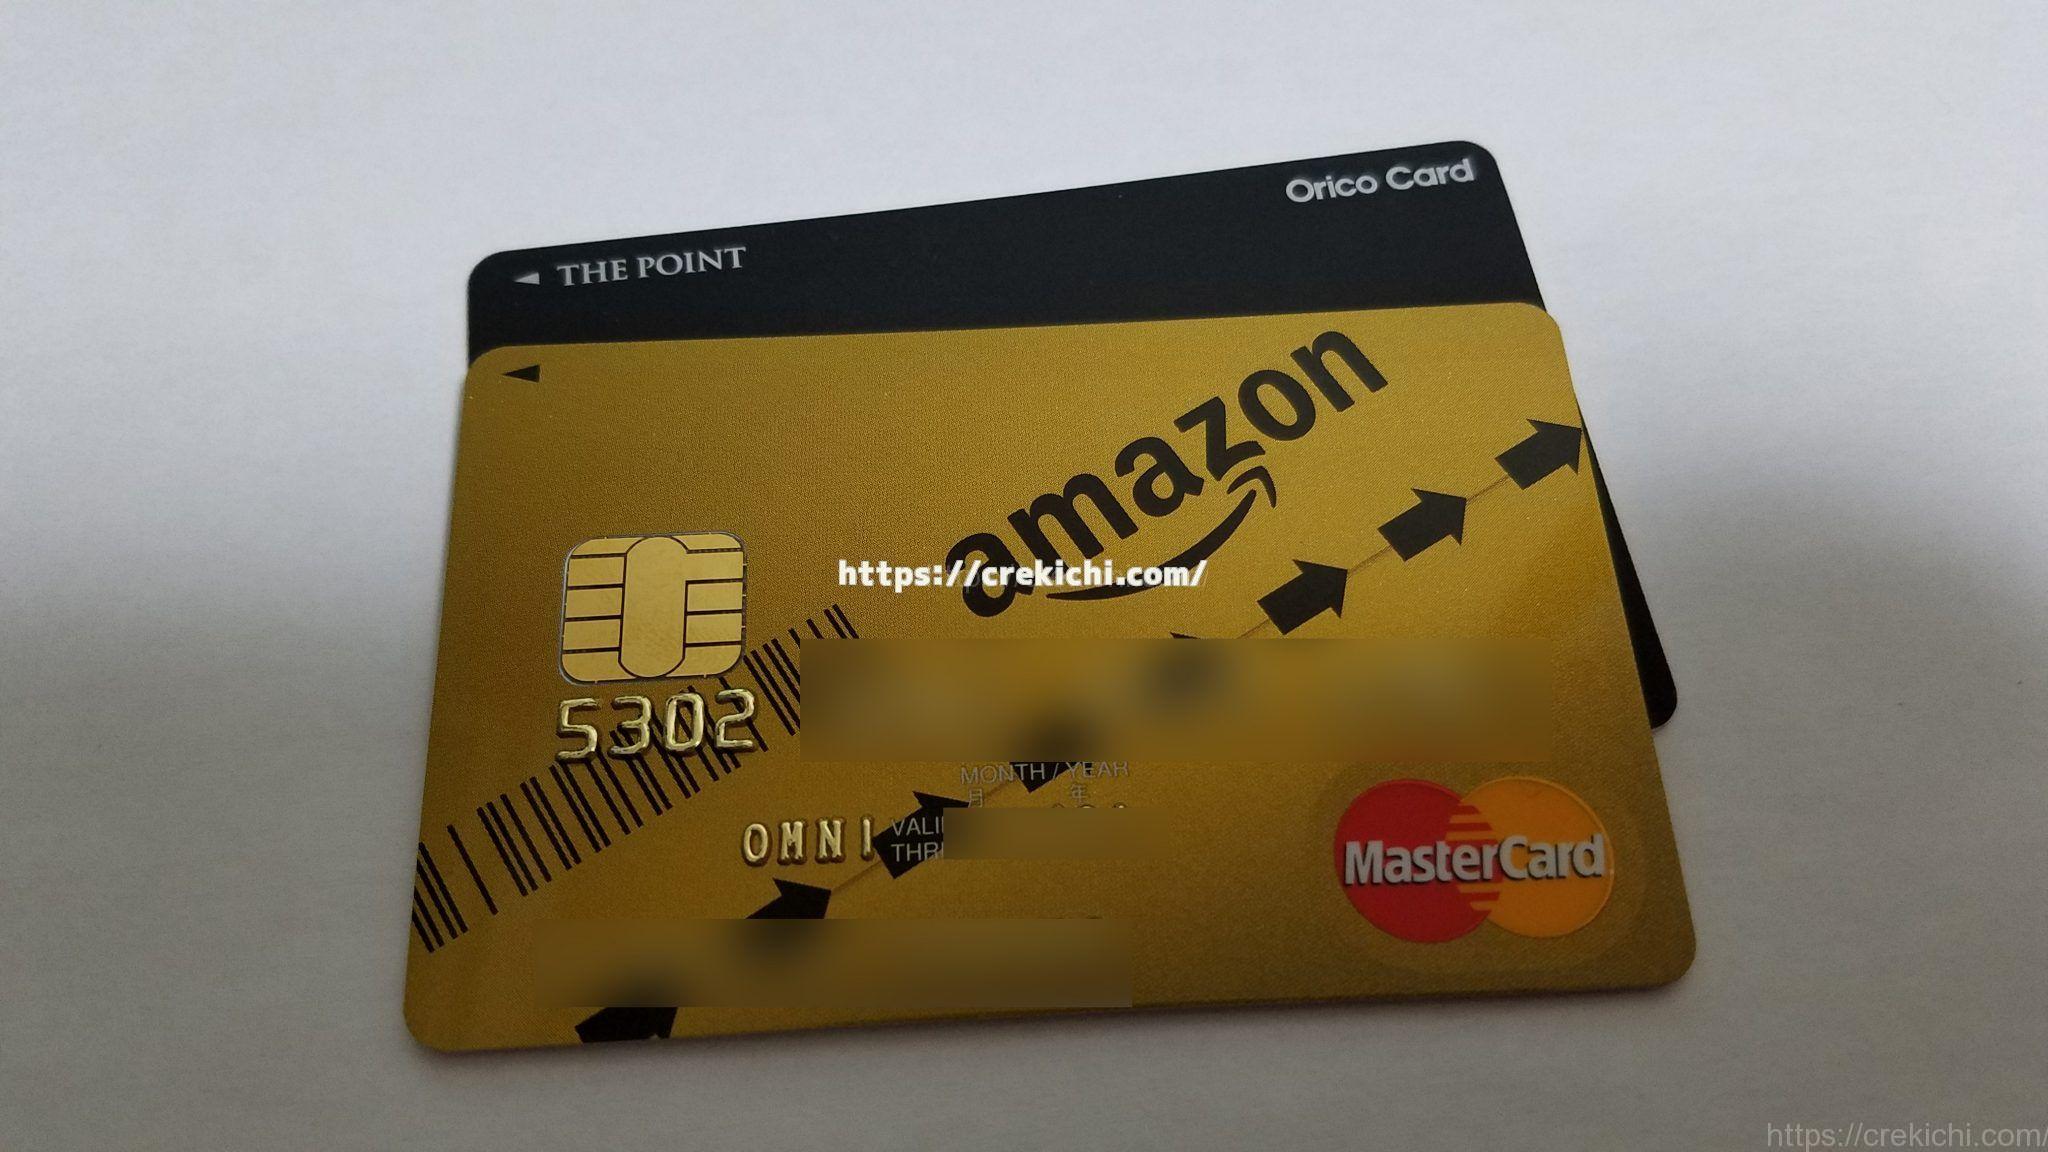 Amazonマスターカードとオリコモールの併用がお得